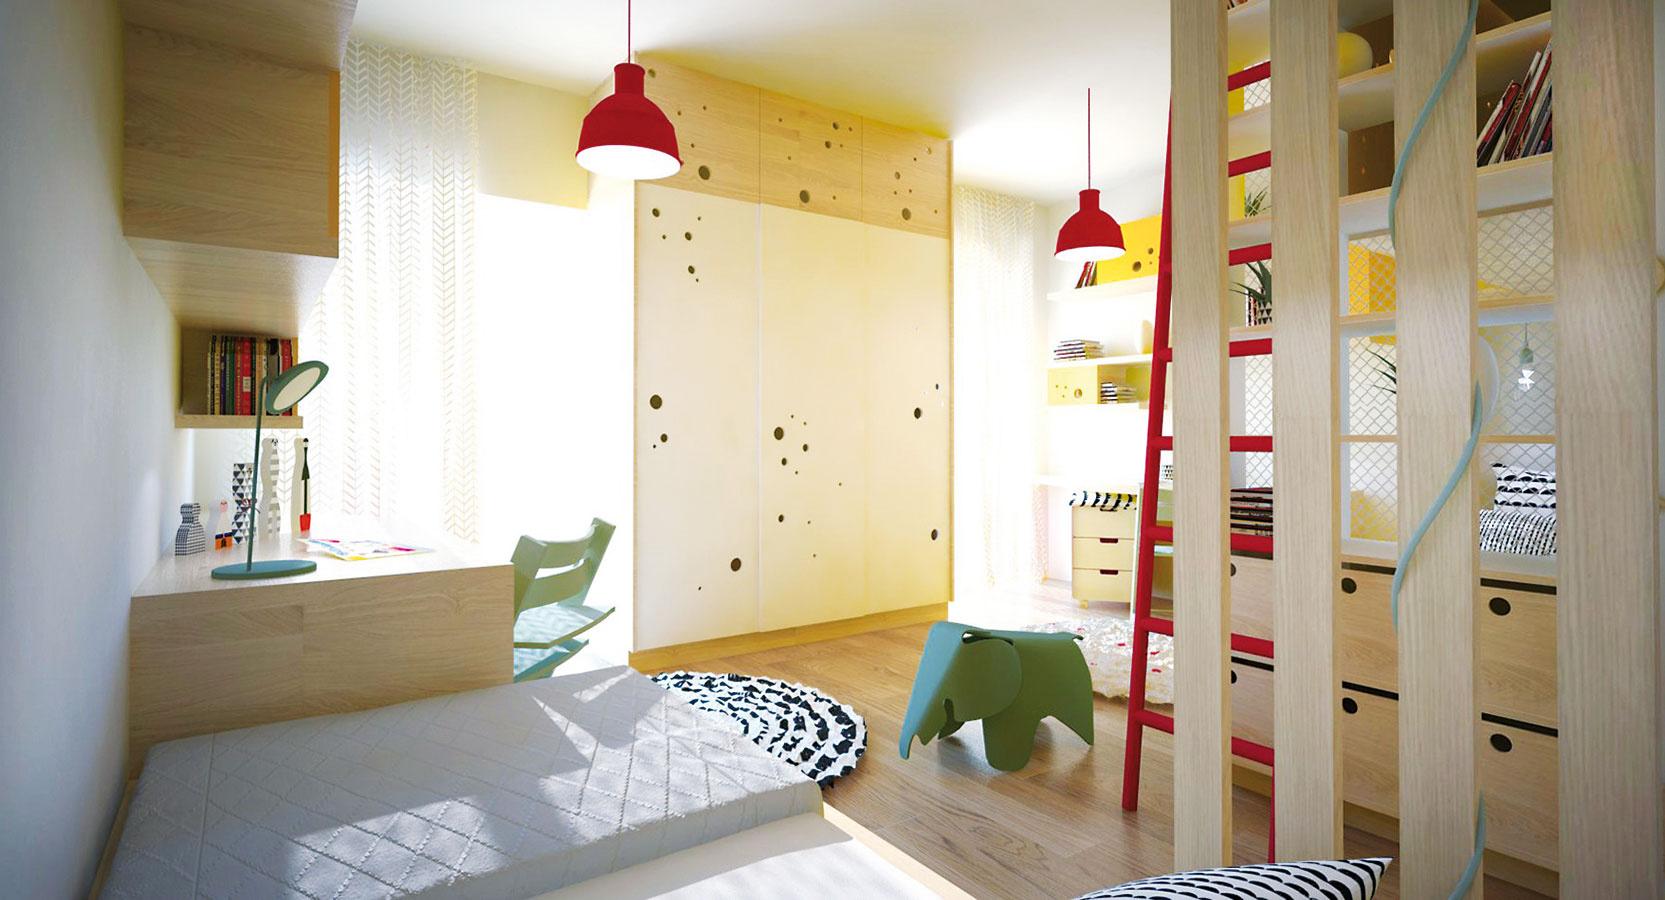 Šatníková skriňa medzi oknami má slúžiť obidvom deťom, stojí na hranici izby, takže ju opticky rozdeľuje.